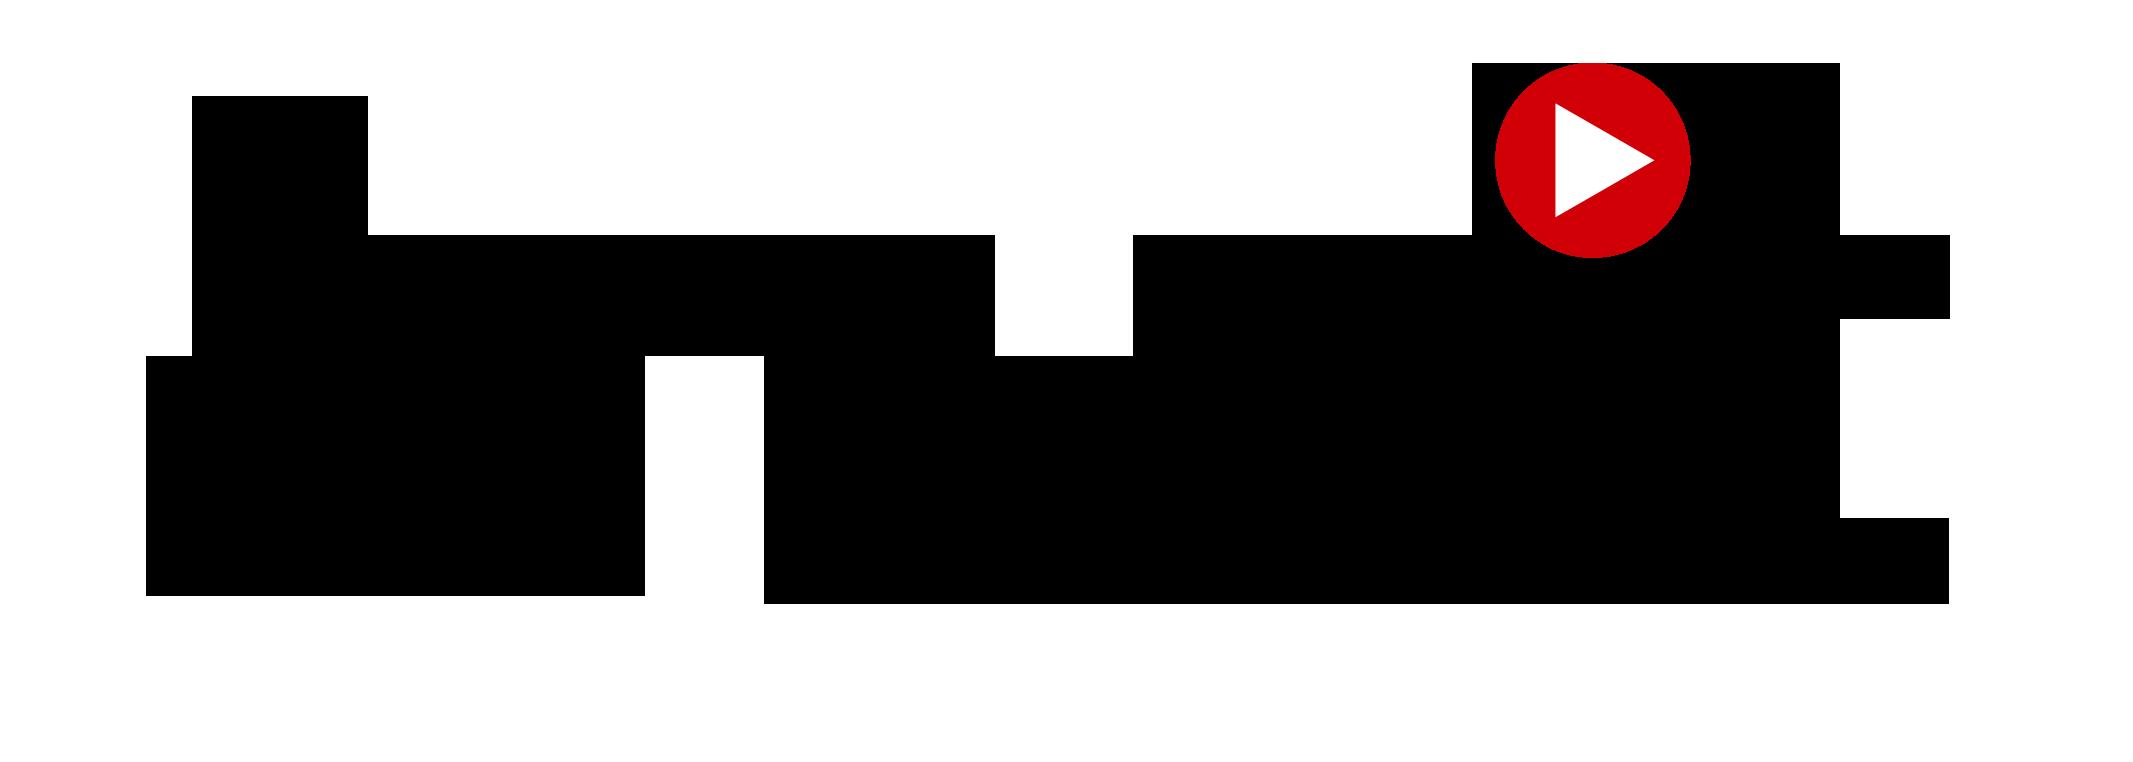 Logo imusic.dk